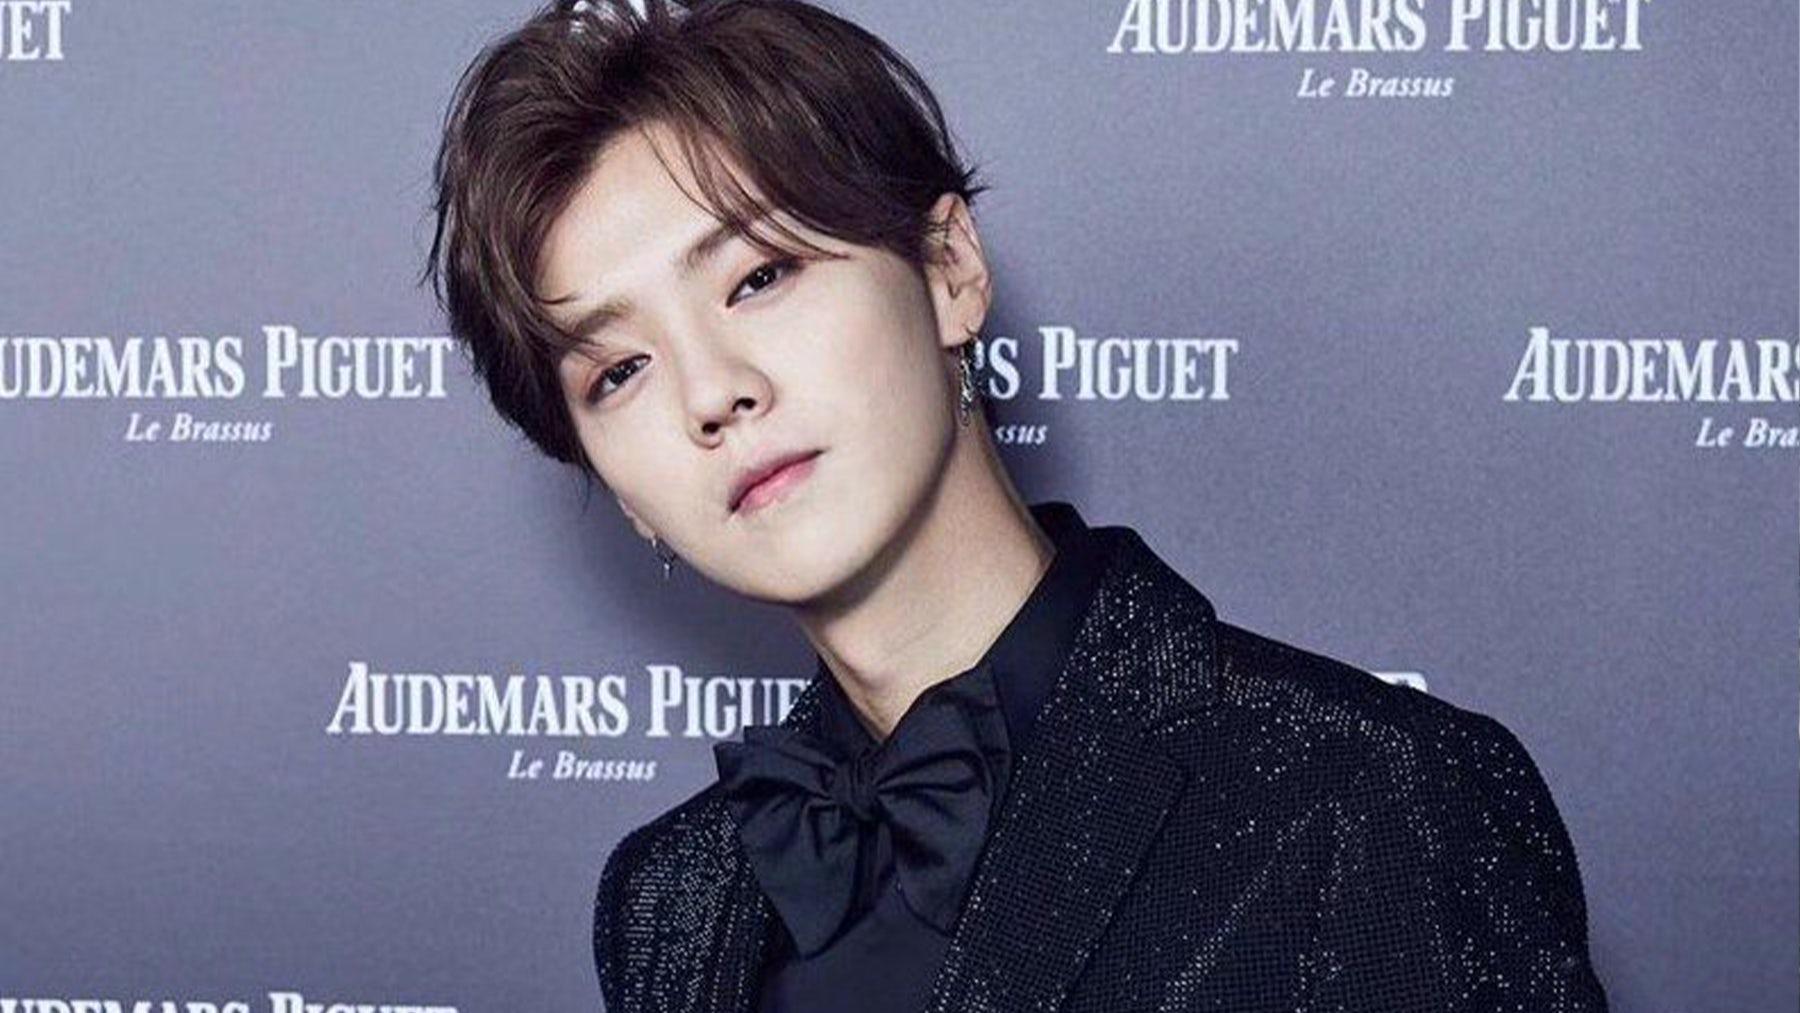 Lu Han had been a brand ambassador for Audemars Piguet since 2018. Lu Han Studio Official Weibo.